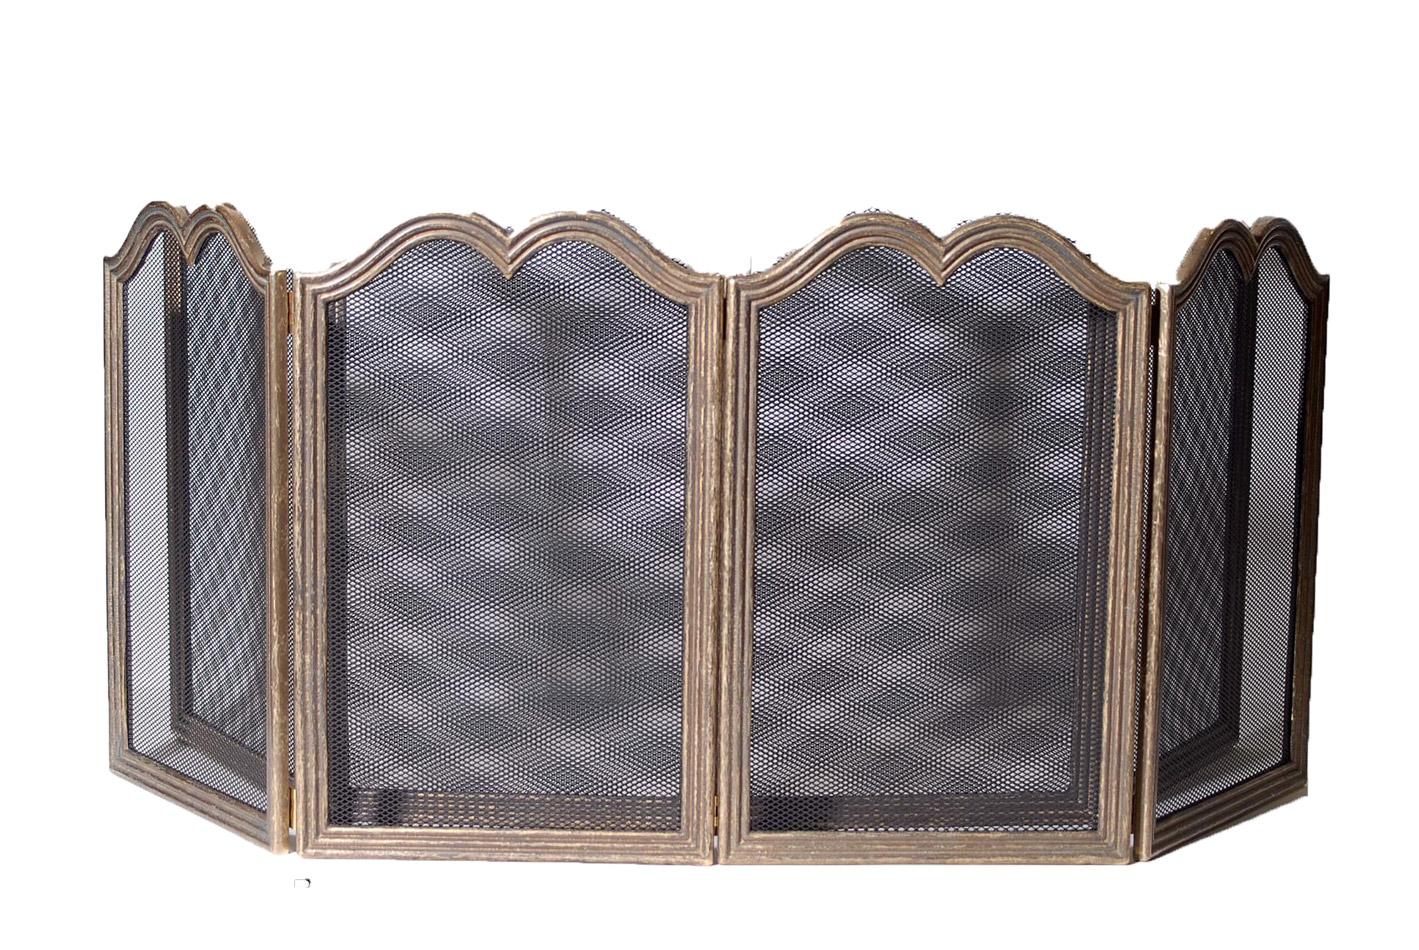 Προστατευτικό Τζακιού Μπρούτζινο Royal Art 100x50εκ. LEB1011BR (Υλικό: Μπρούτζινο) - Royal Art Collection - LEB1011BR